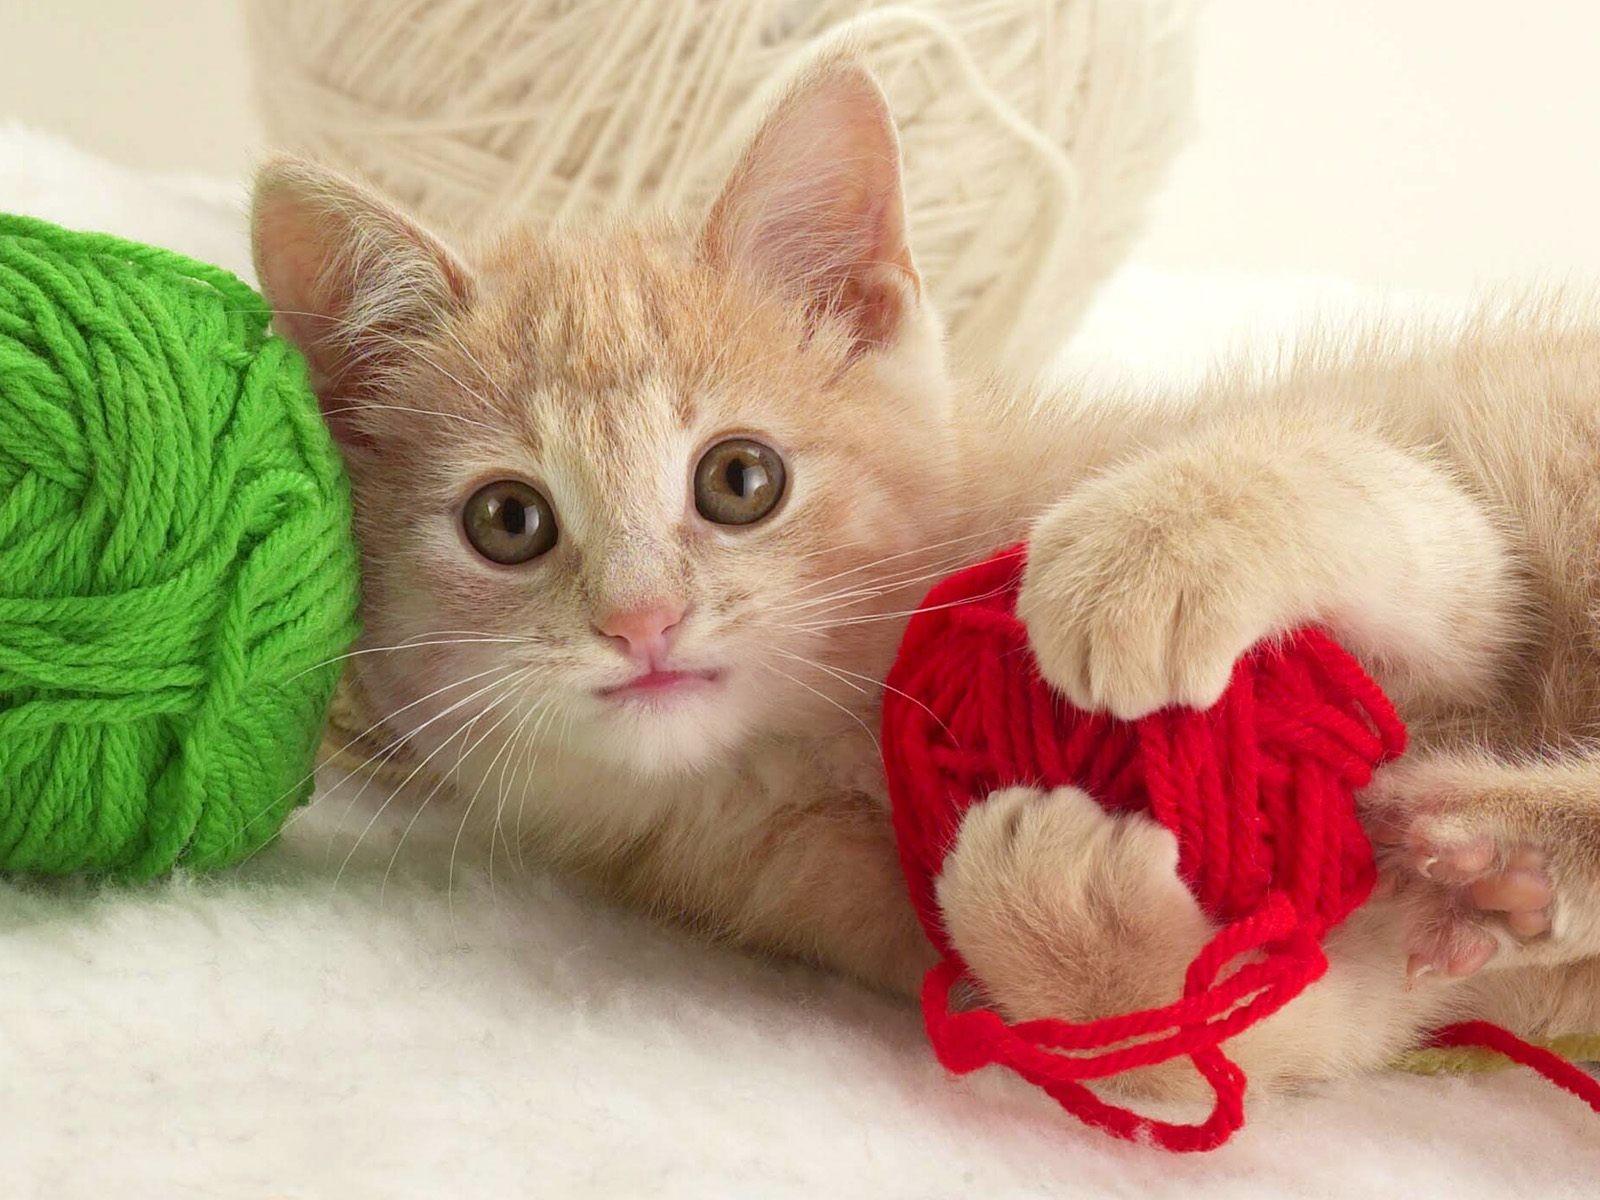 котенок и клубок ниток, играется, кошки, фото